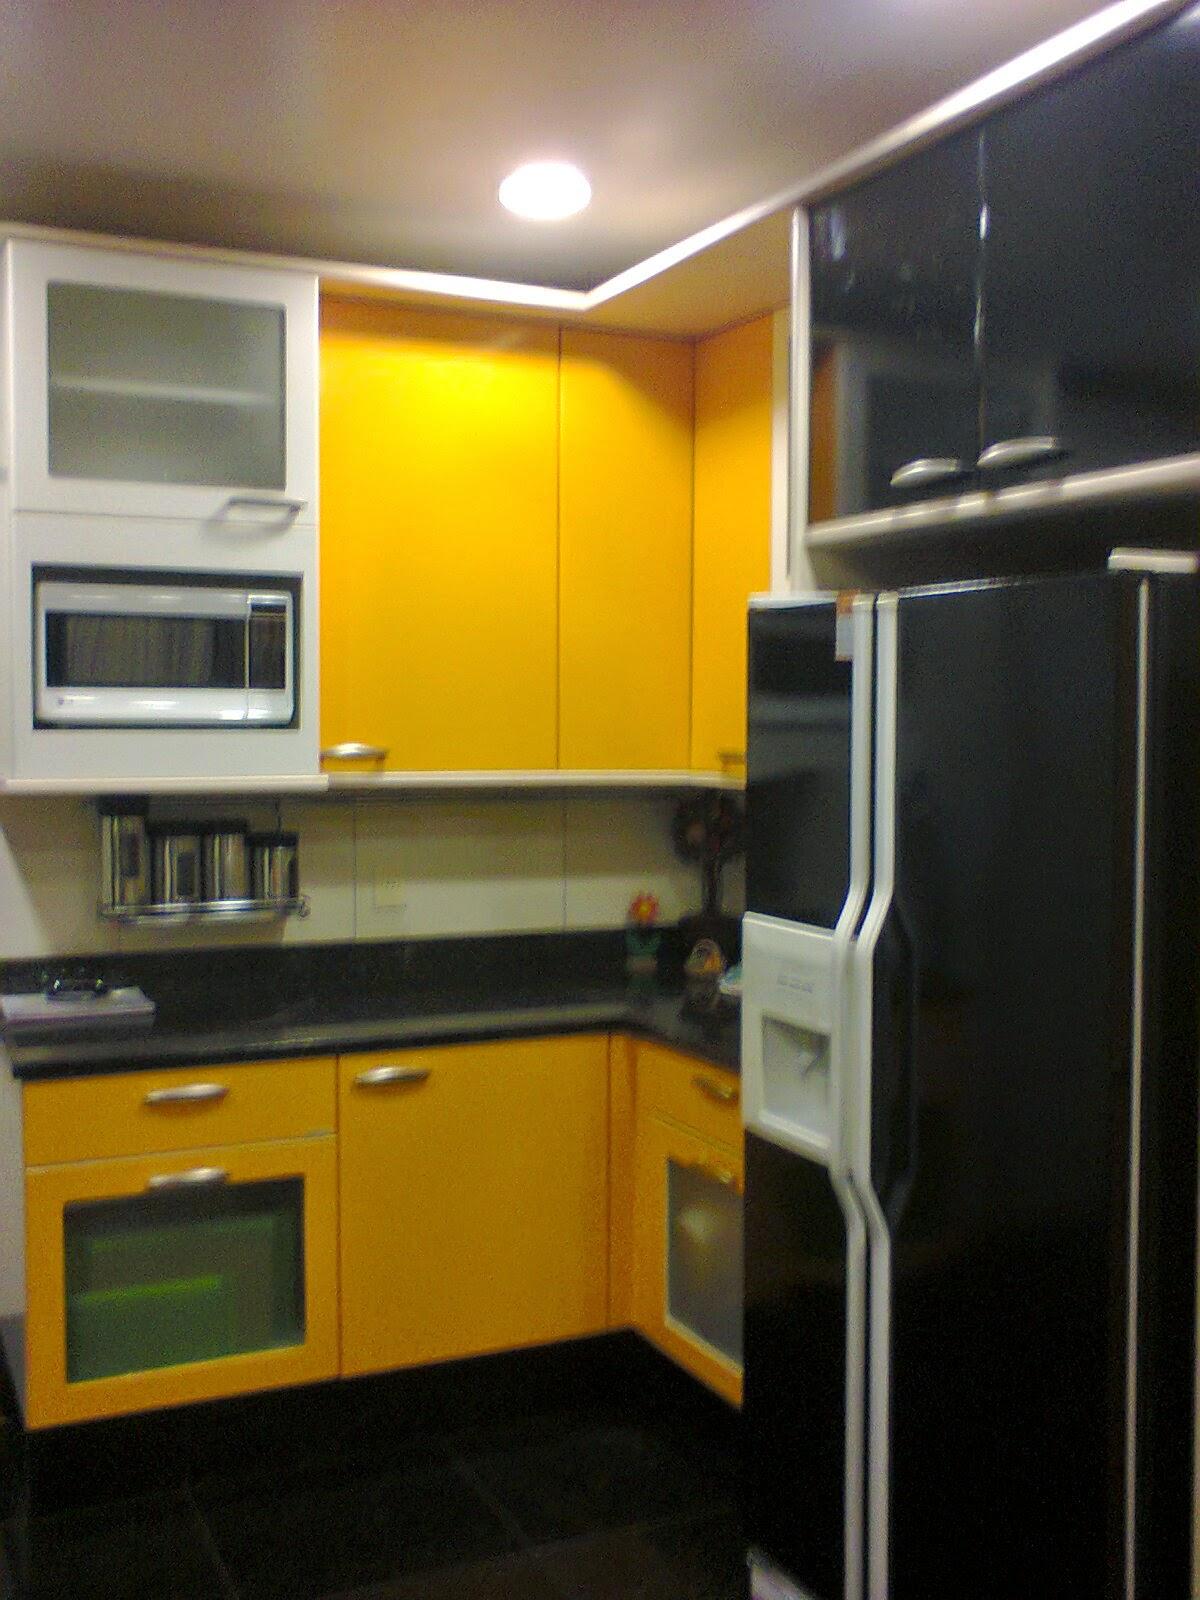 #474632 Armario De Cozinha Usado Em Belo Horizonte  1200x1600 px Armario De Cozinha Em Bh #2977 imagens